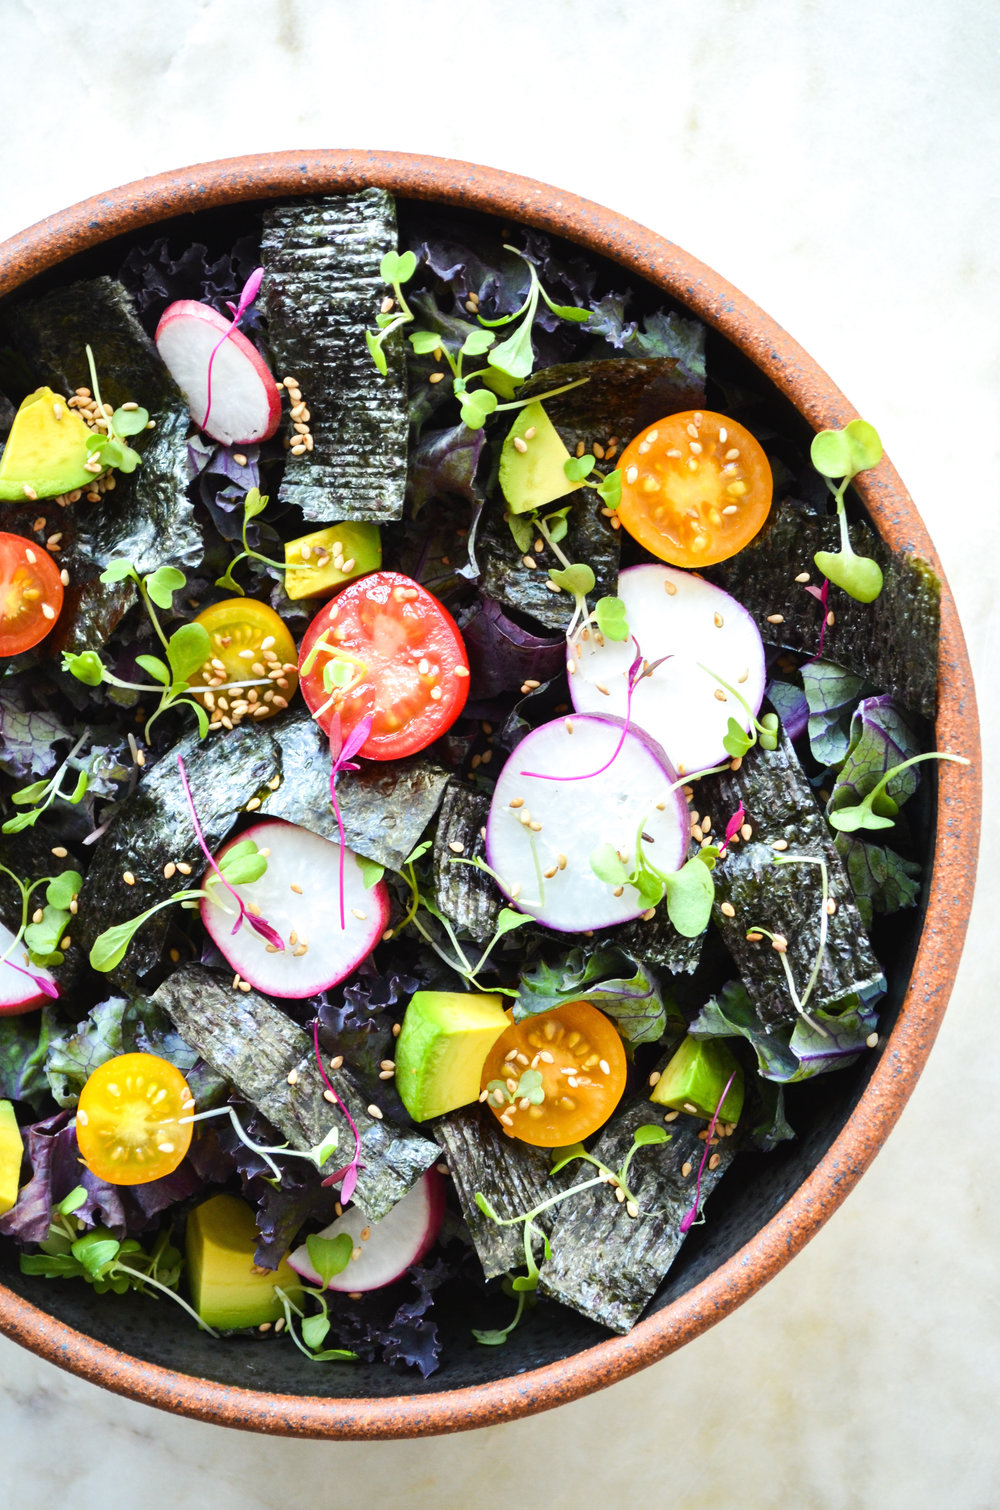 nori-salad-ShiraRD-paleo-refinedsugarfree-SnacksbyShira-1.jpg